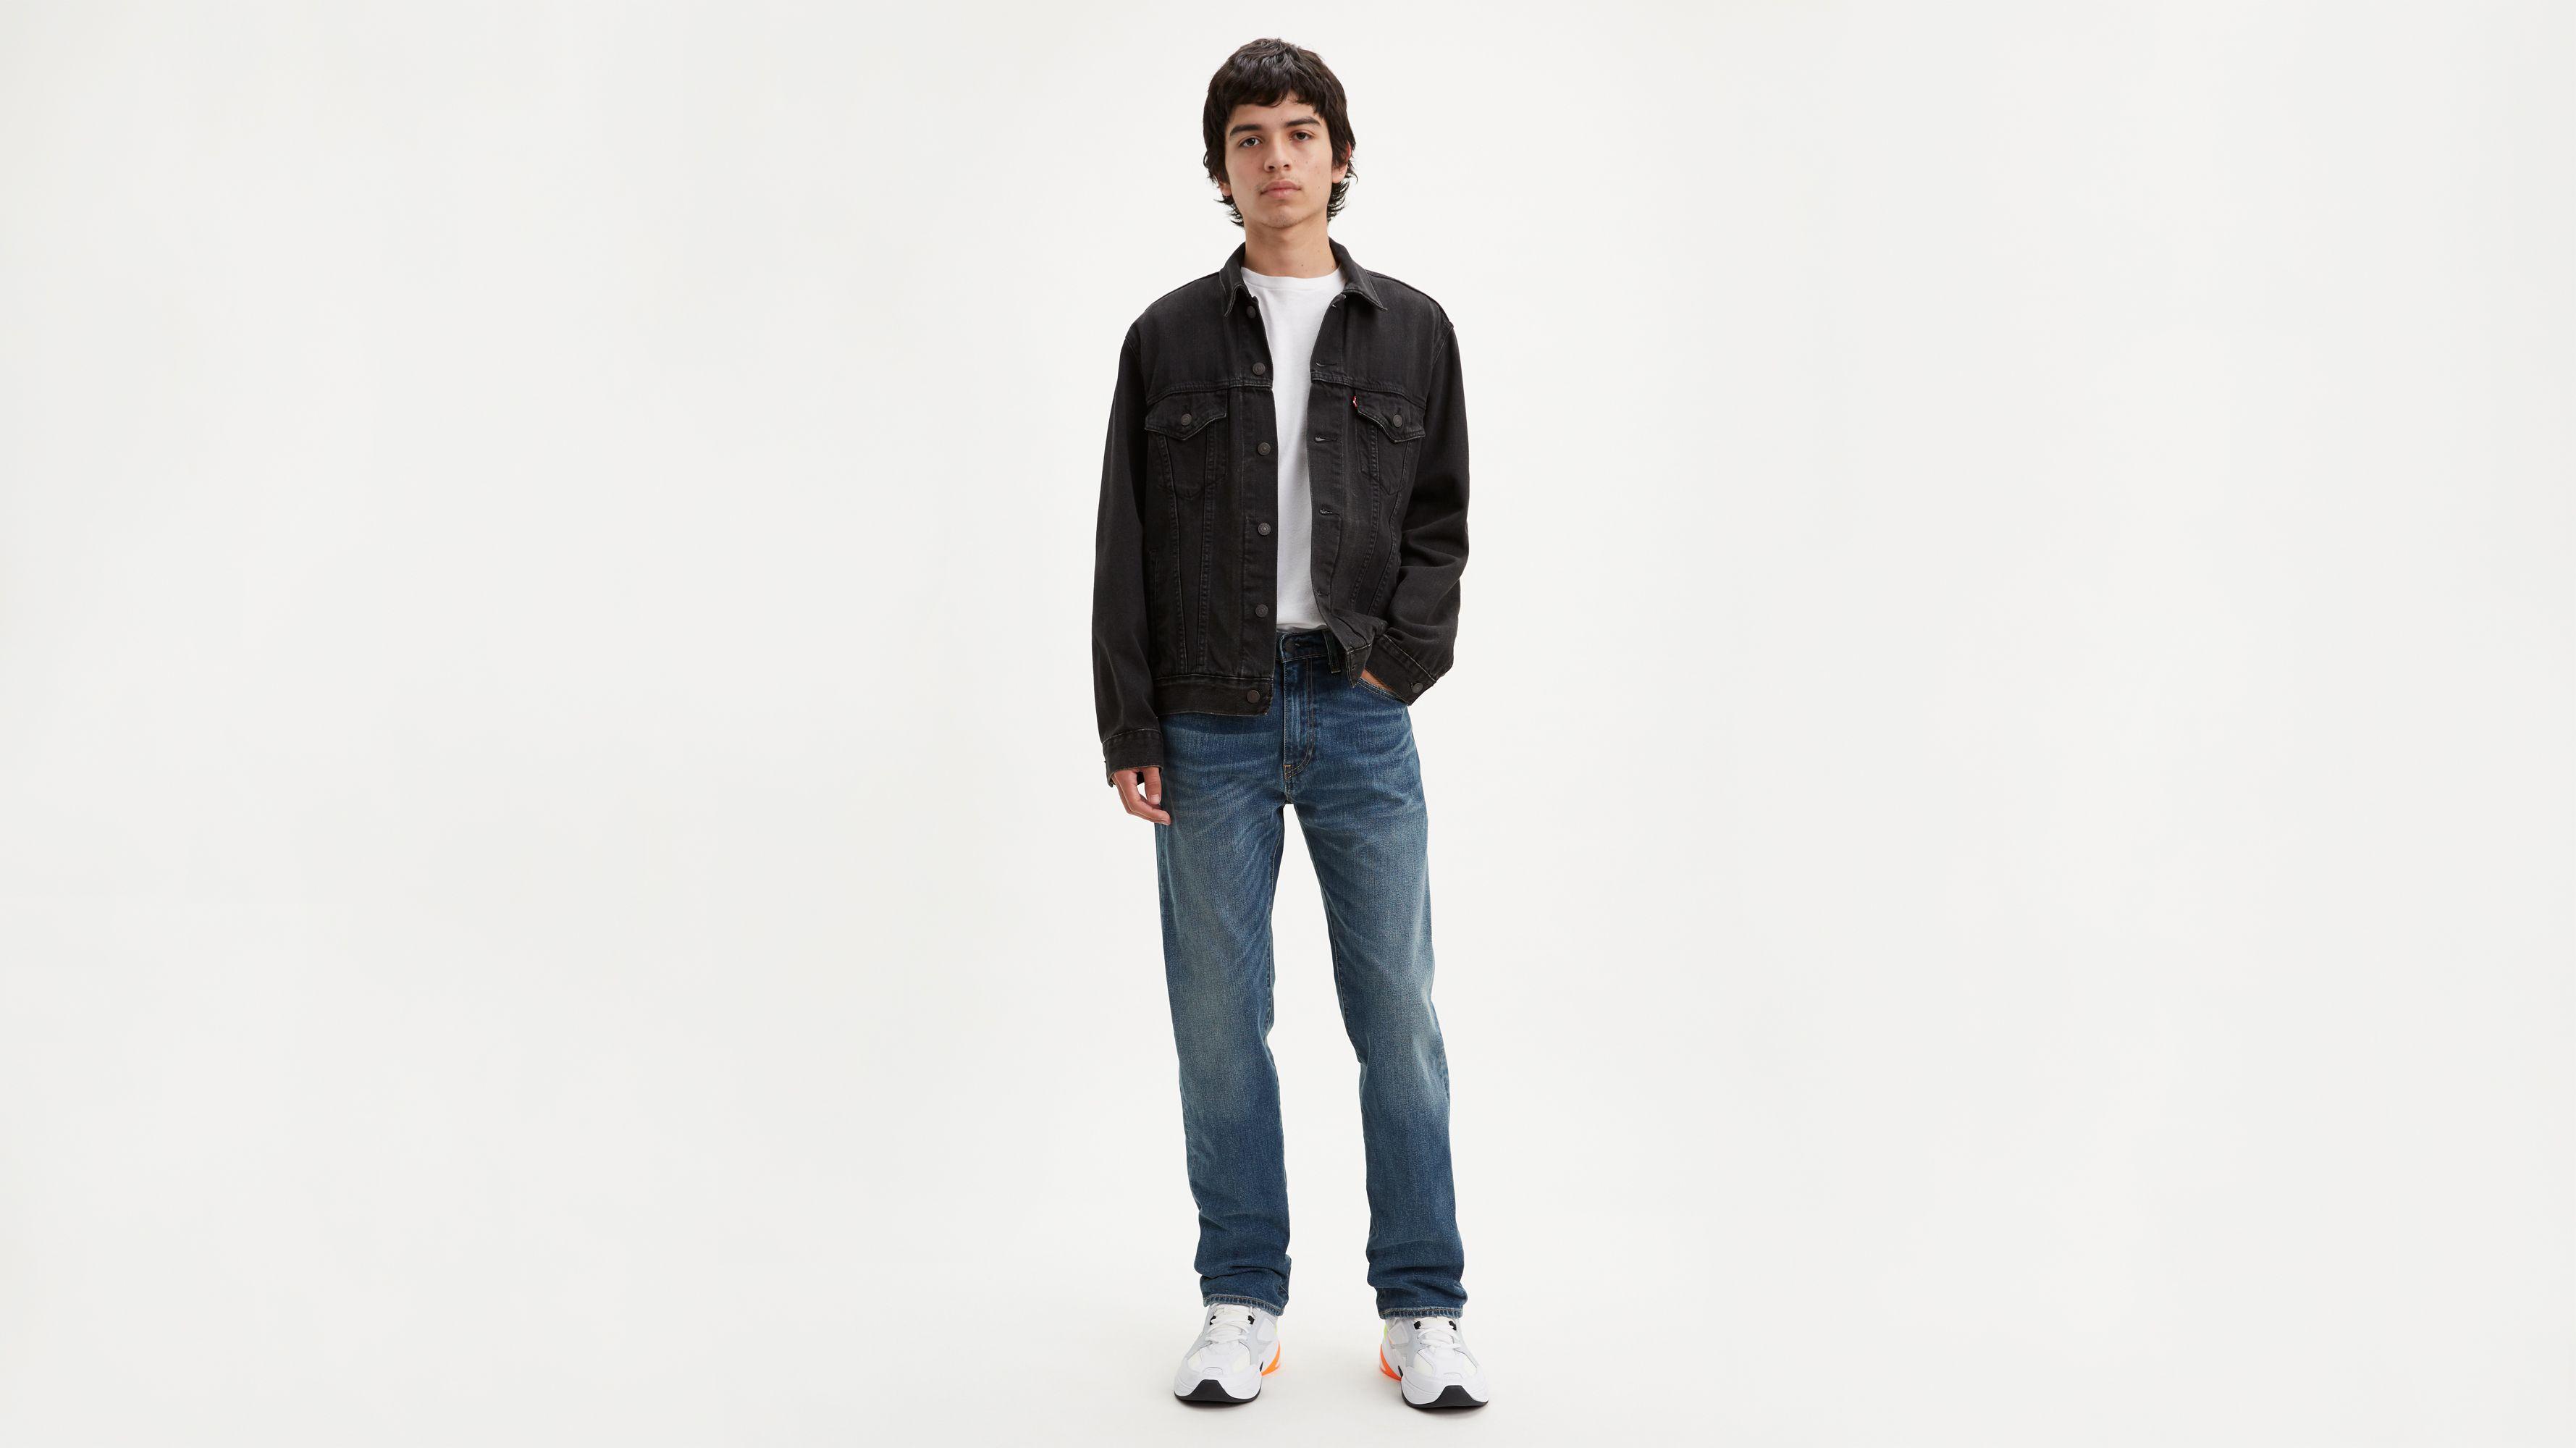 Levi's® 505 Shop Levi's 505 Jeans for Men | Levi's® US